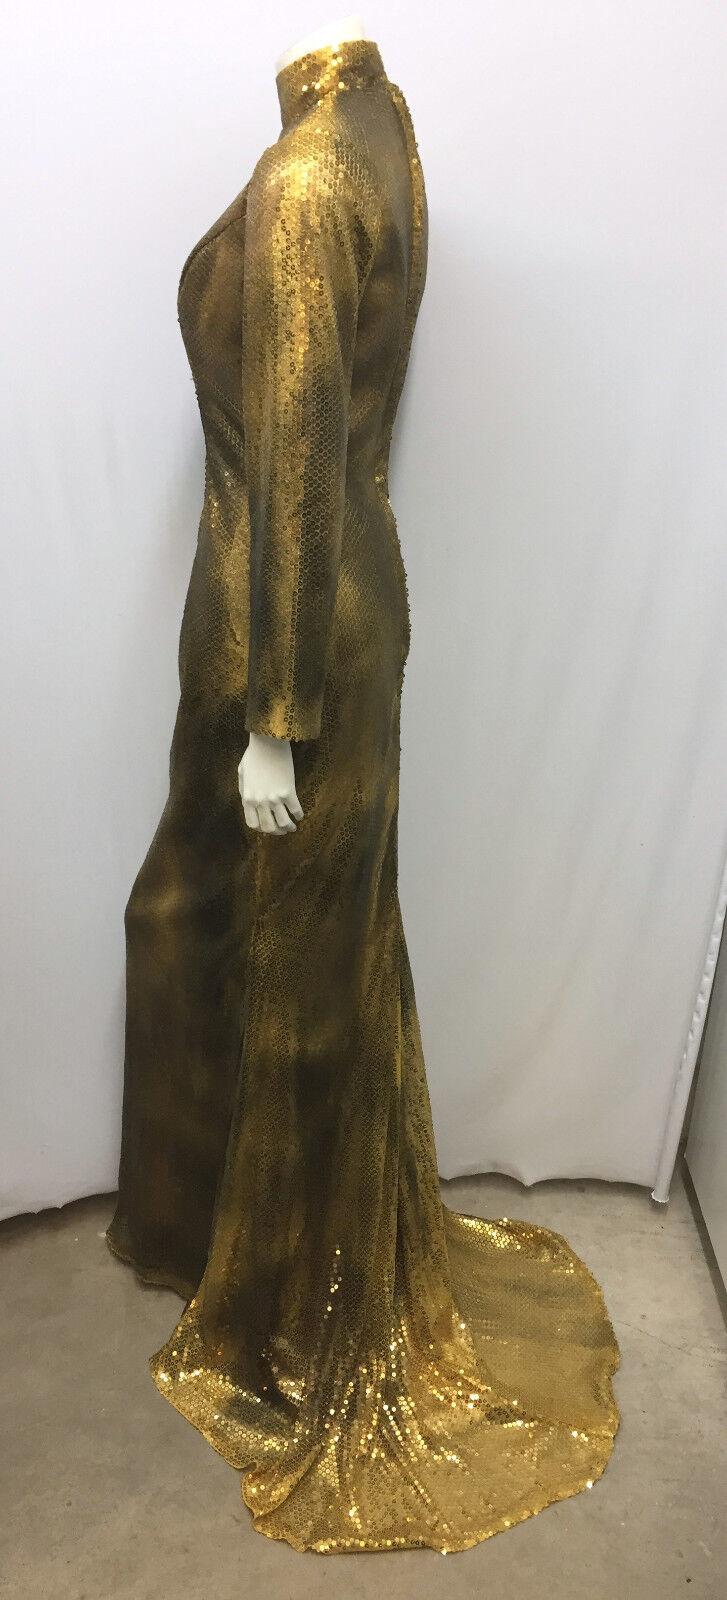 Vestido largo  lentejuelas ALEN K. hecho a mano por nuevo con etiquetas cola de pescado Bronce WORLD tonos oro XS  el precio más bajo